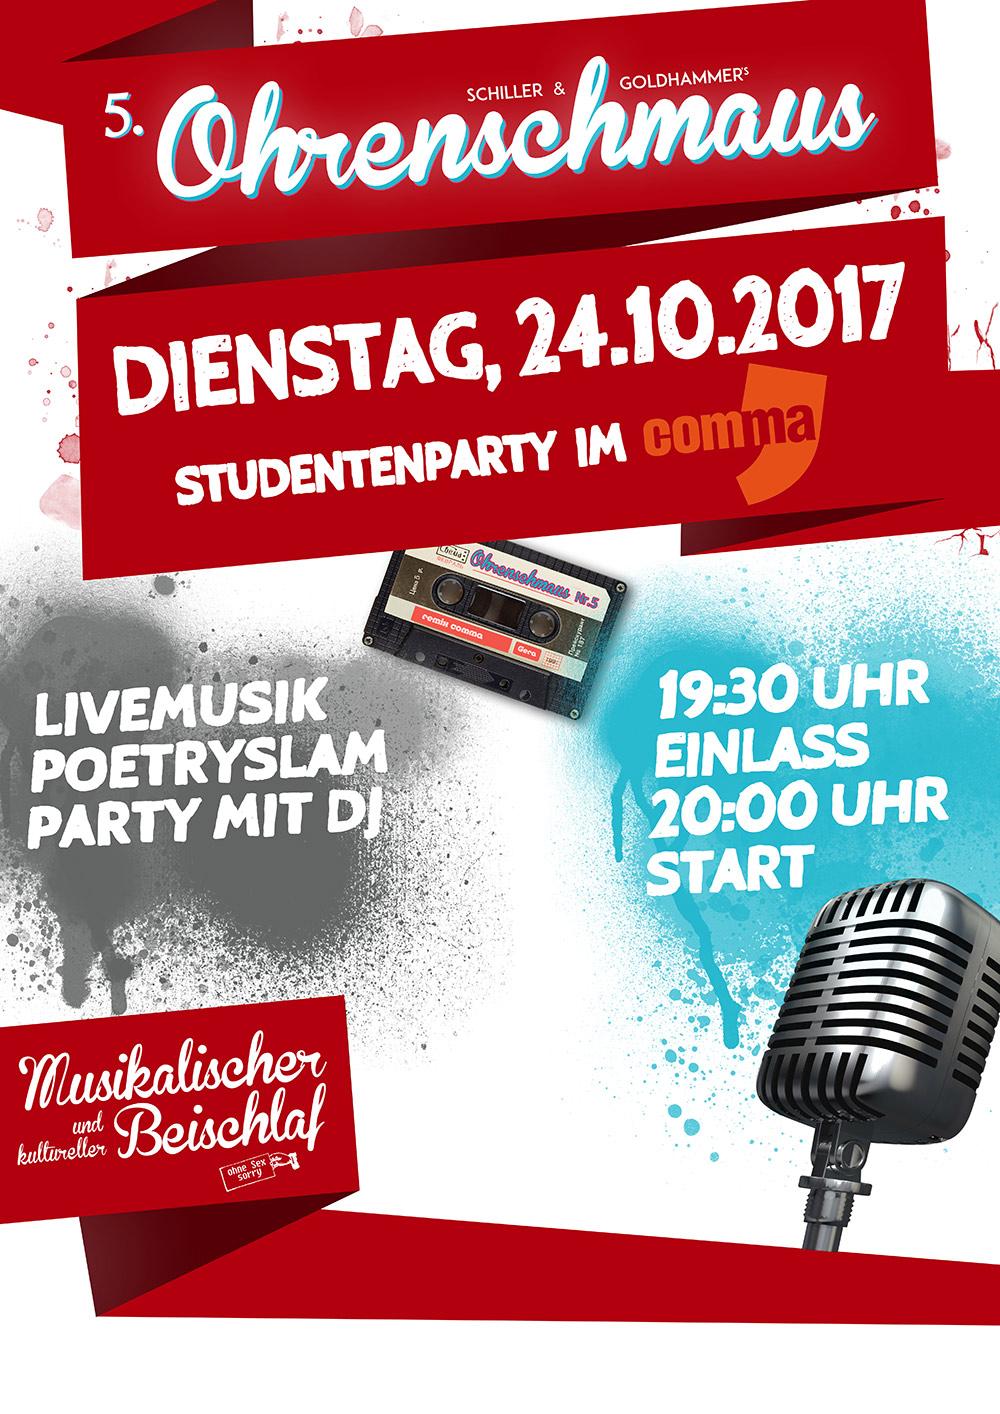 Ohrenschmaus Studentenparty im Comma Gera